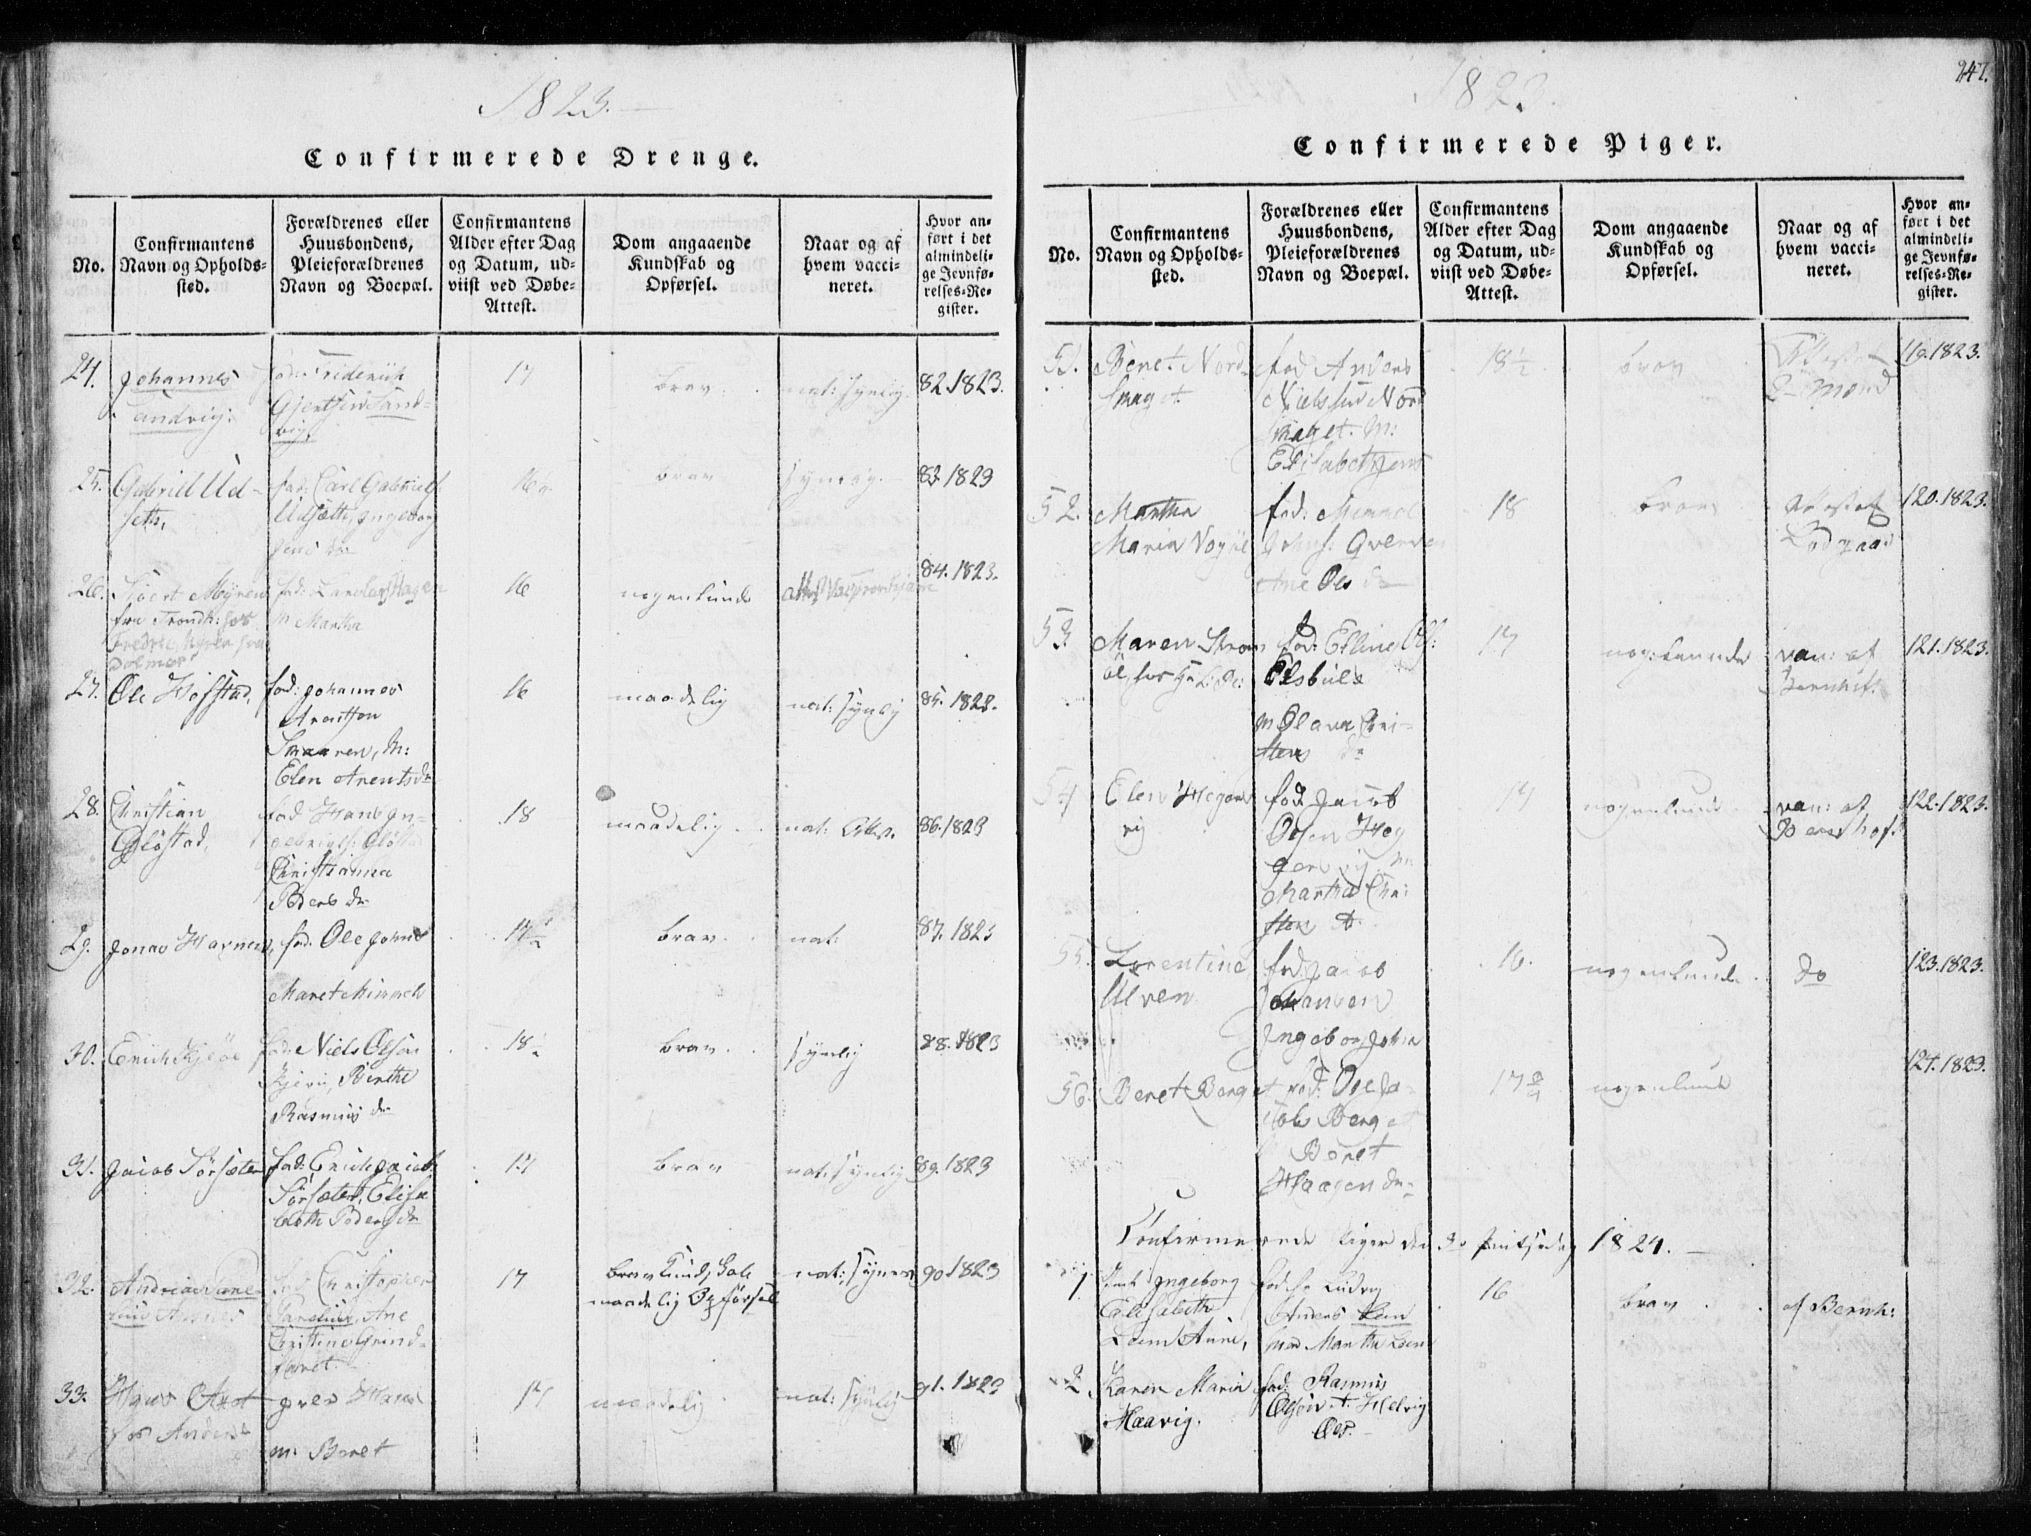 SAT, Ministerialprotokoller, klokkerbøker og fødselsregistre - Sør-Trøndelag, 634/L0527: Ministerialbok nr. 634A03, 1818-1826, s. 247